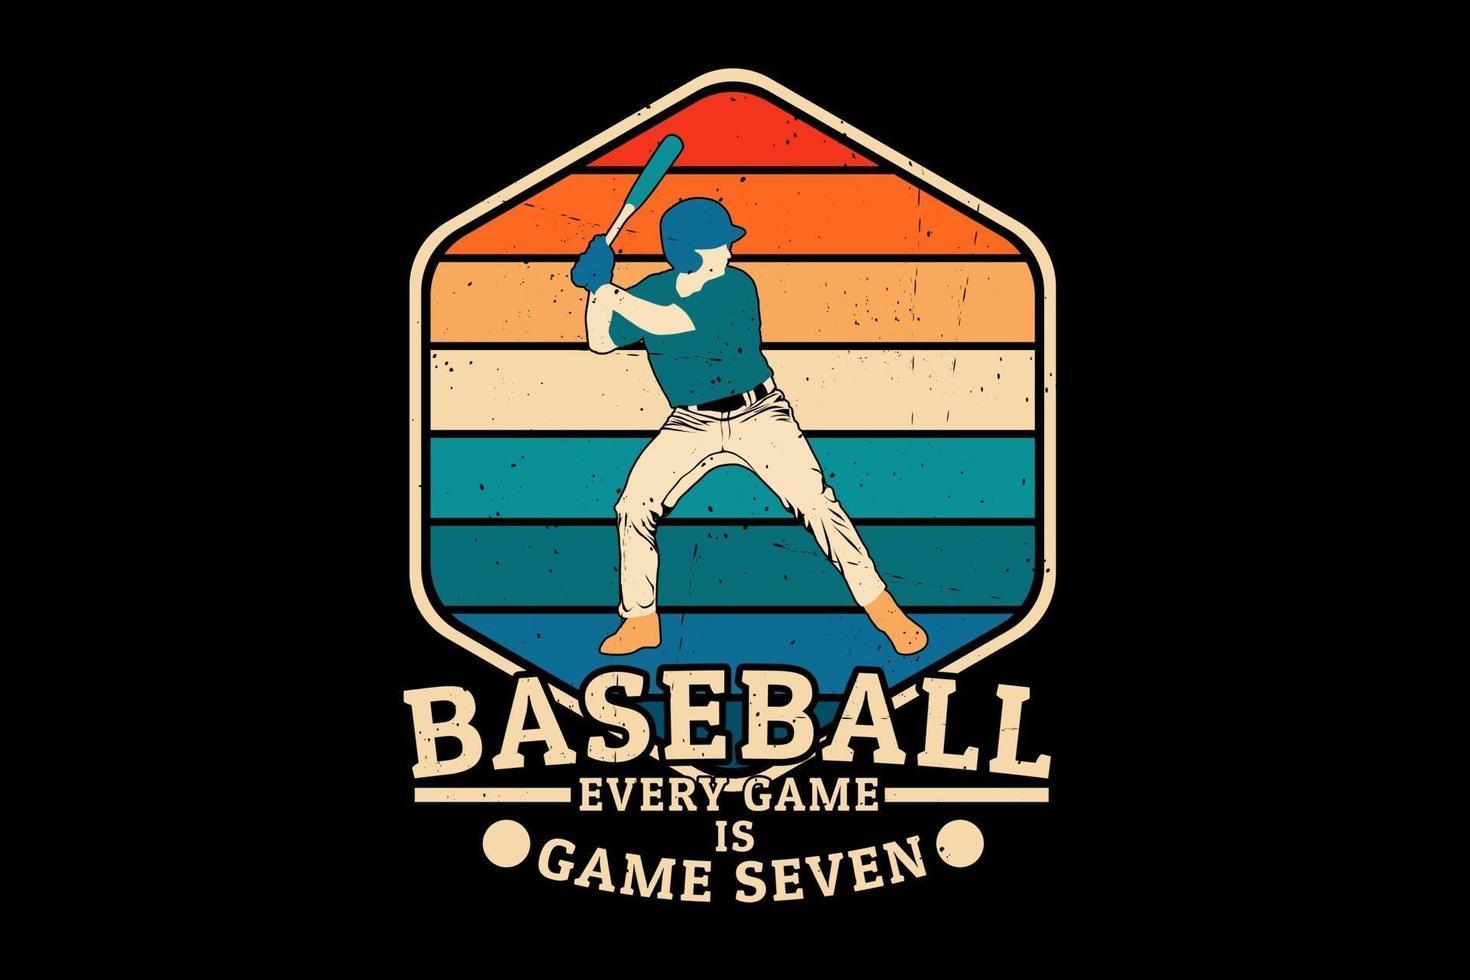 beisebol, cada jogo é um jogo de sete silhuetas de design vetor